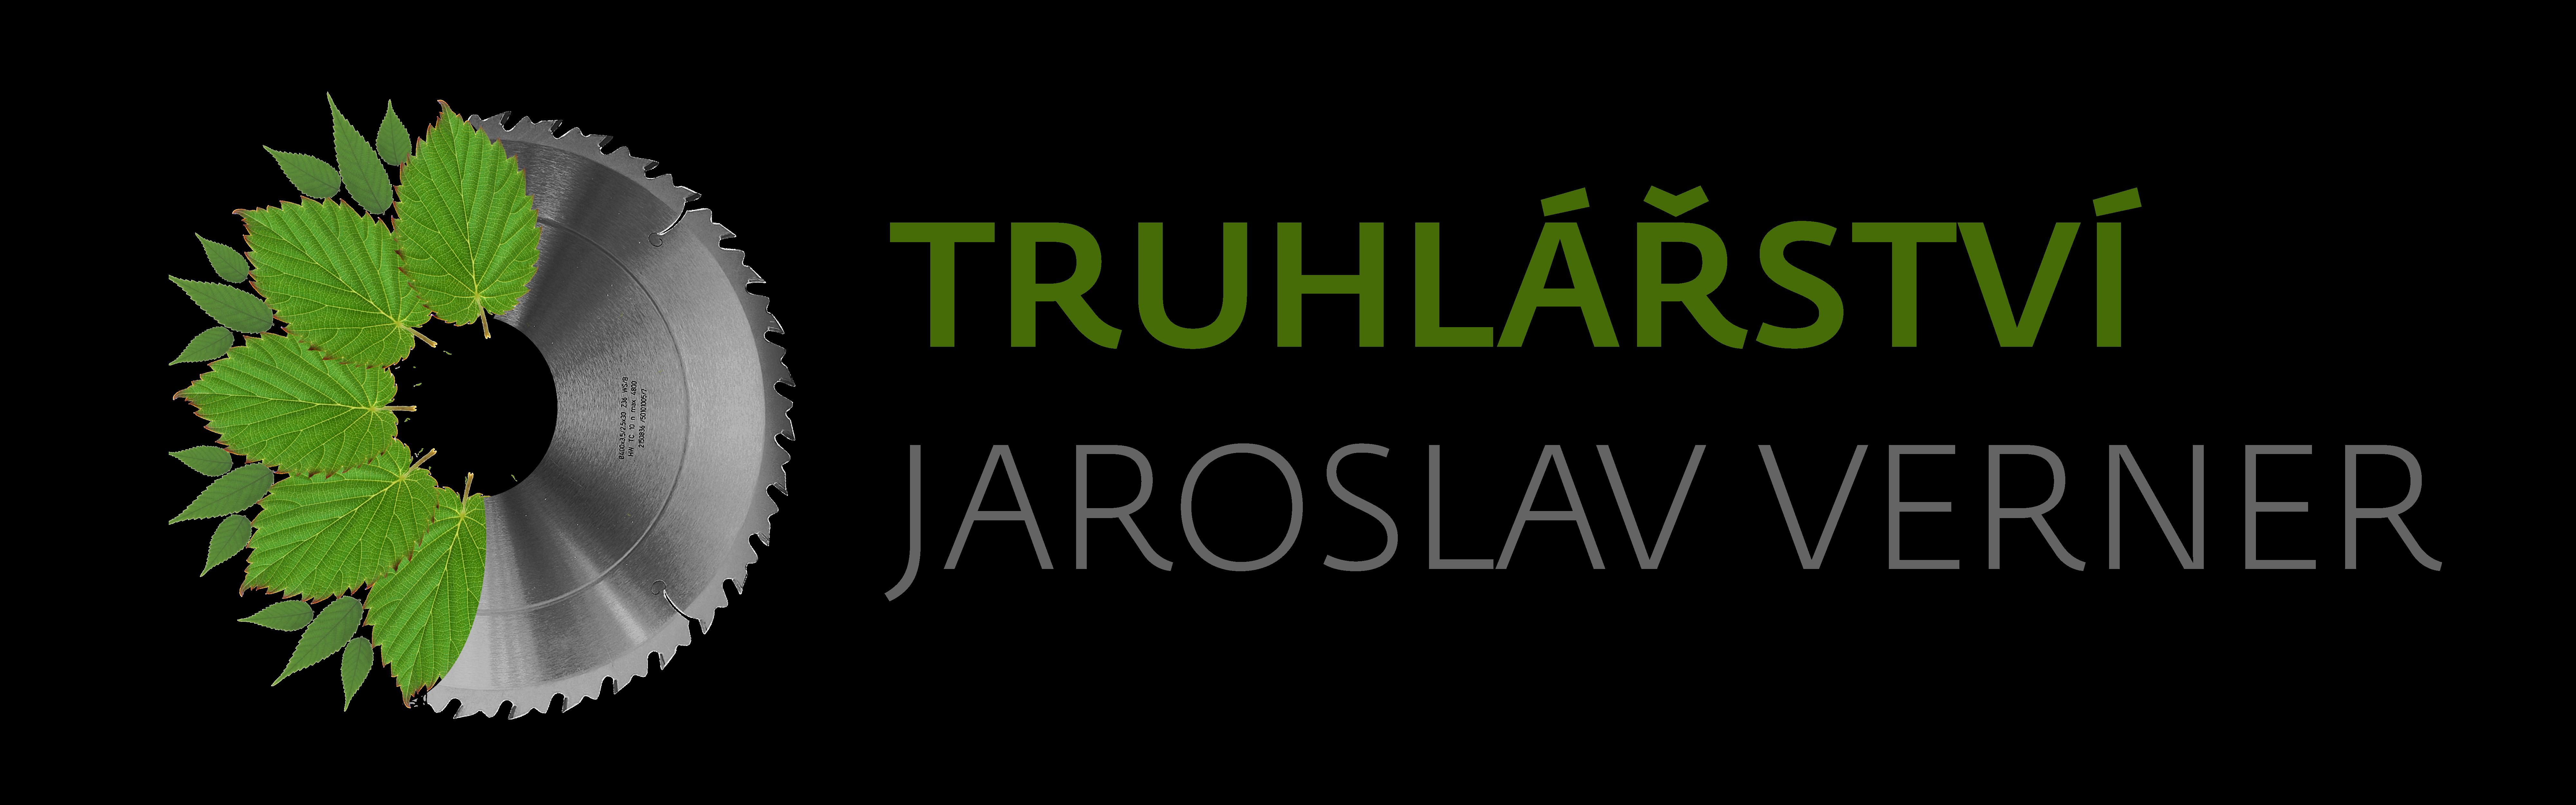 Truhlářství Jaroslav Verner